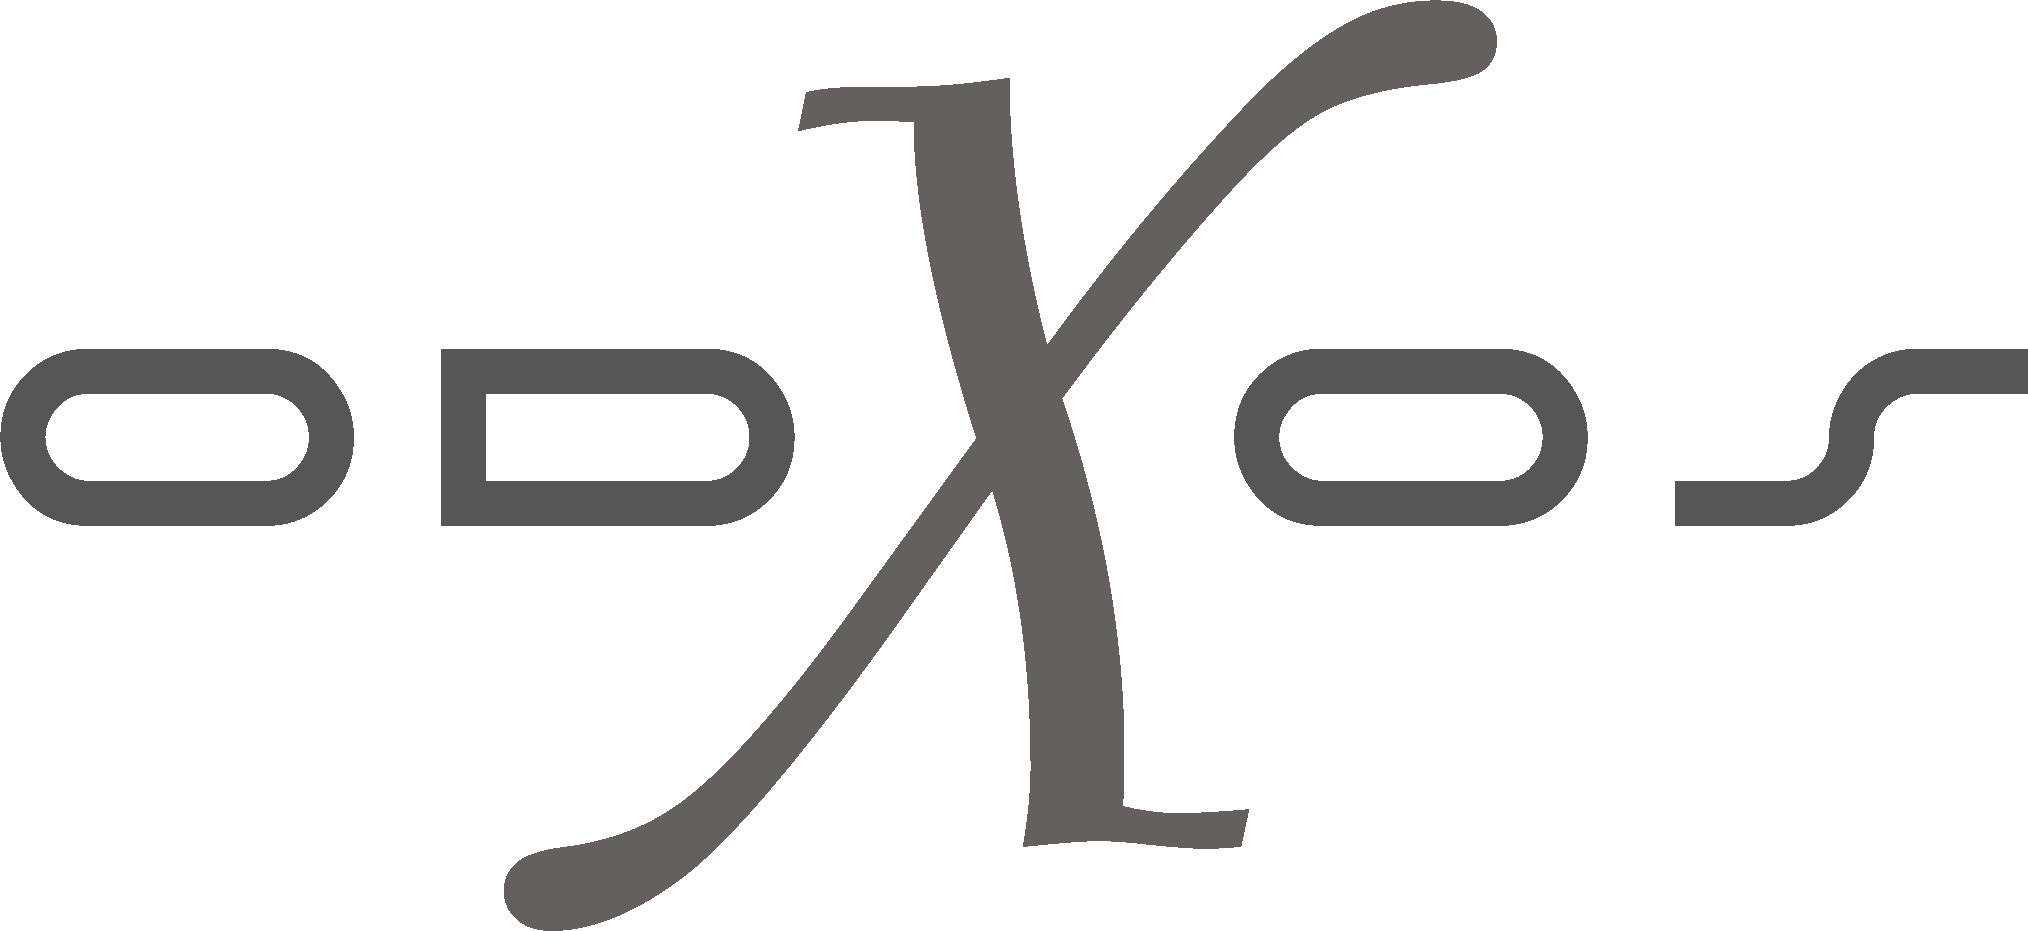 X-Odos